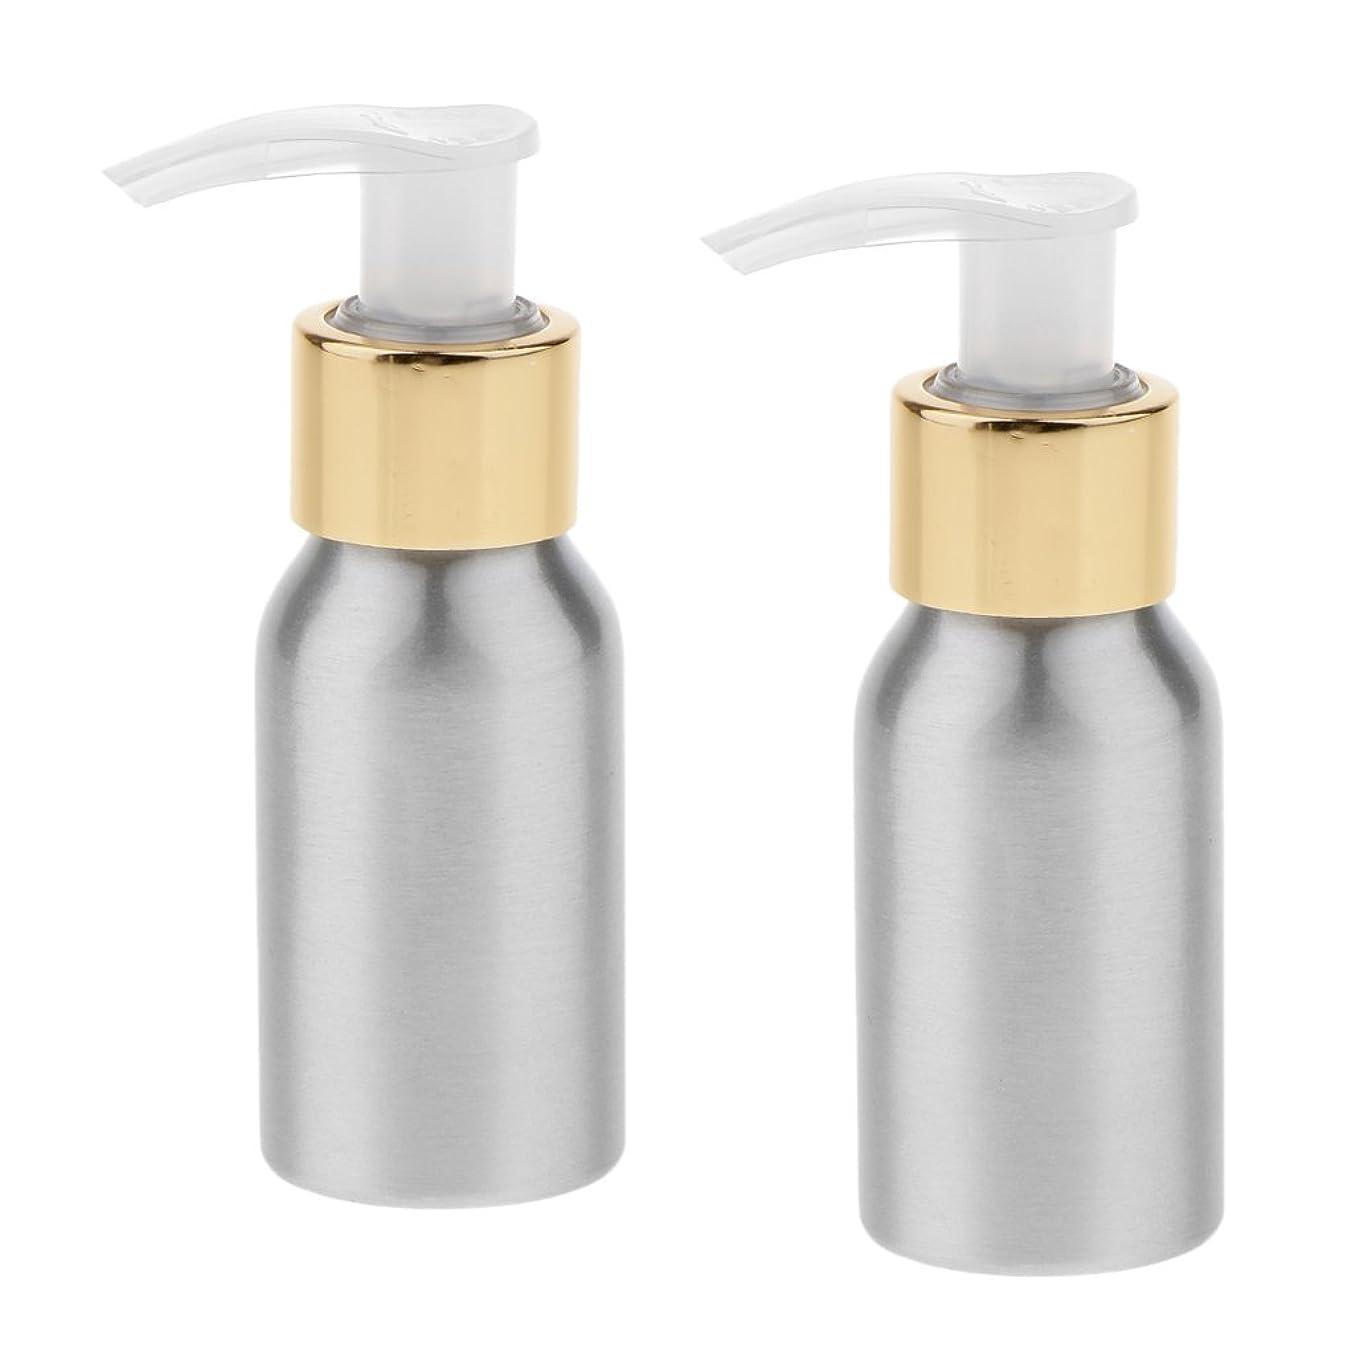 アンビエント真夜中突然Kesoto 2本 スプレーボトル 空ボトル アルミボトル スプレー ポンプボトル 香水ボトル シャンプー 噴霧器 アトマイザー 6サイズ選択 - 50ml